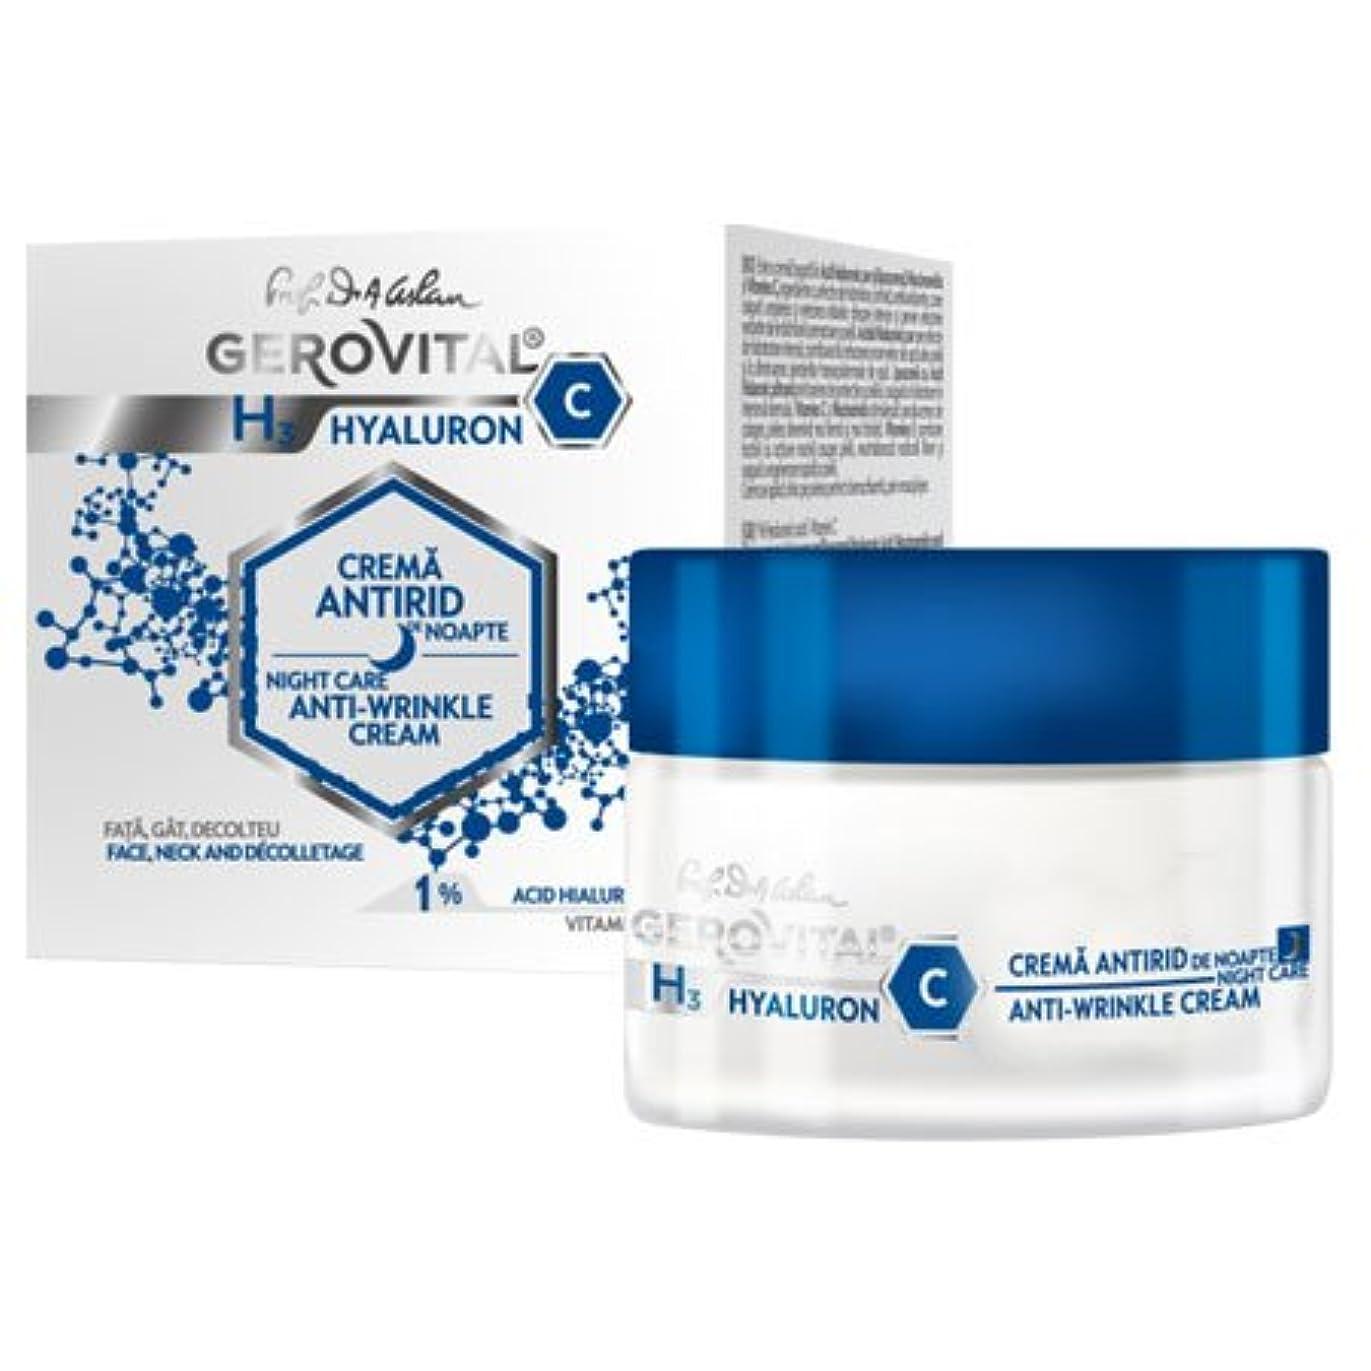 疾患解決するほめるジェロビタール H3 ヒアルロンC ナイトケア アンチリンクルクリーム (1%) 50 ml / 1.69 fl.oz. [海外直送] [並行輸入品]